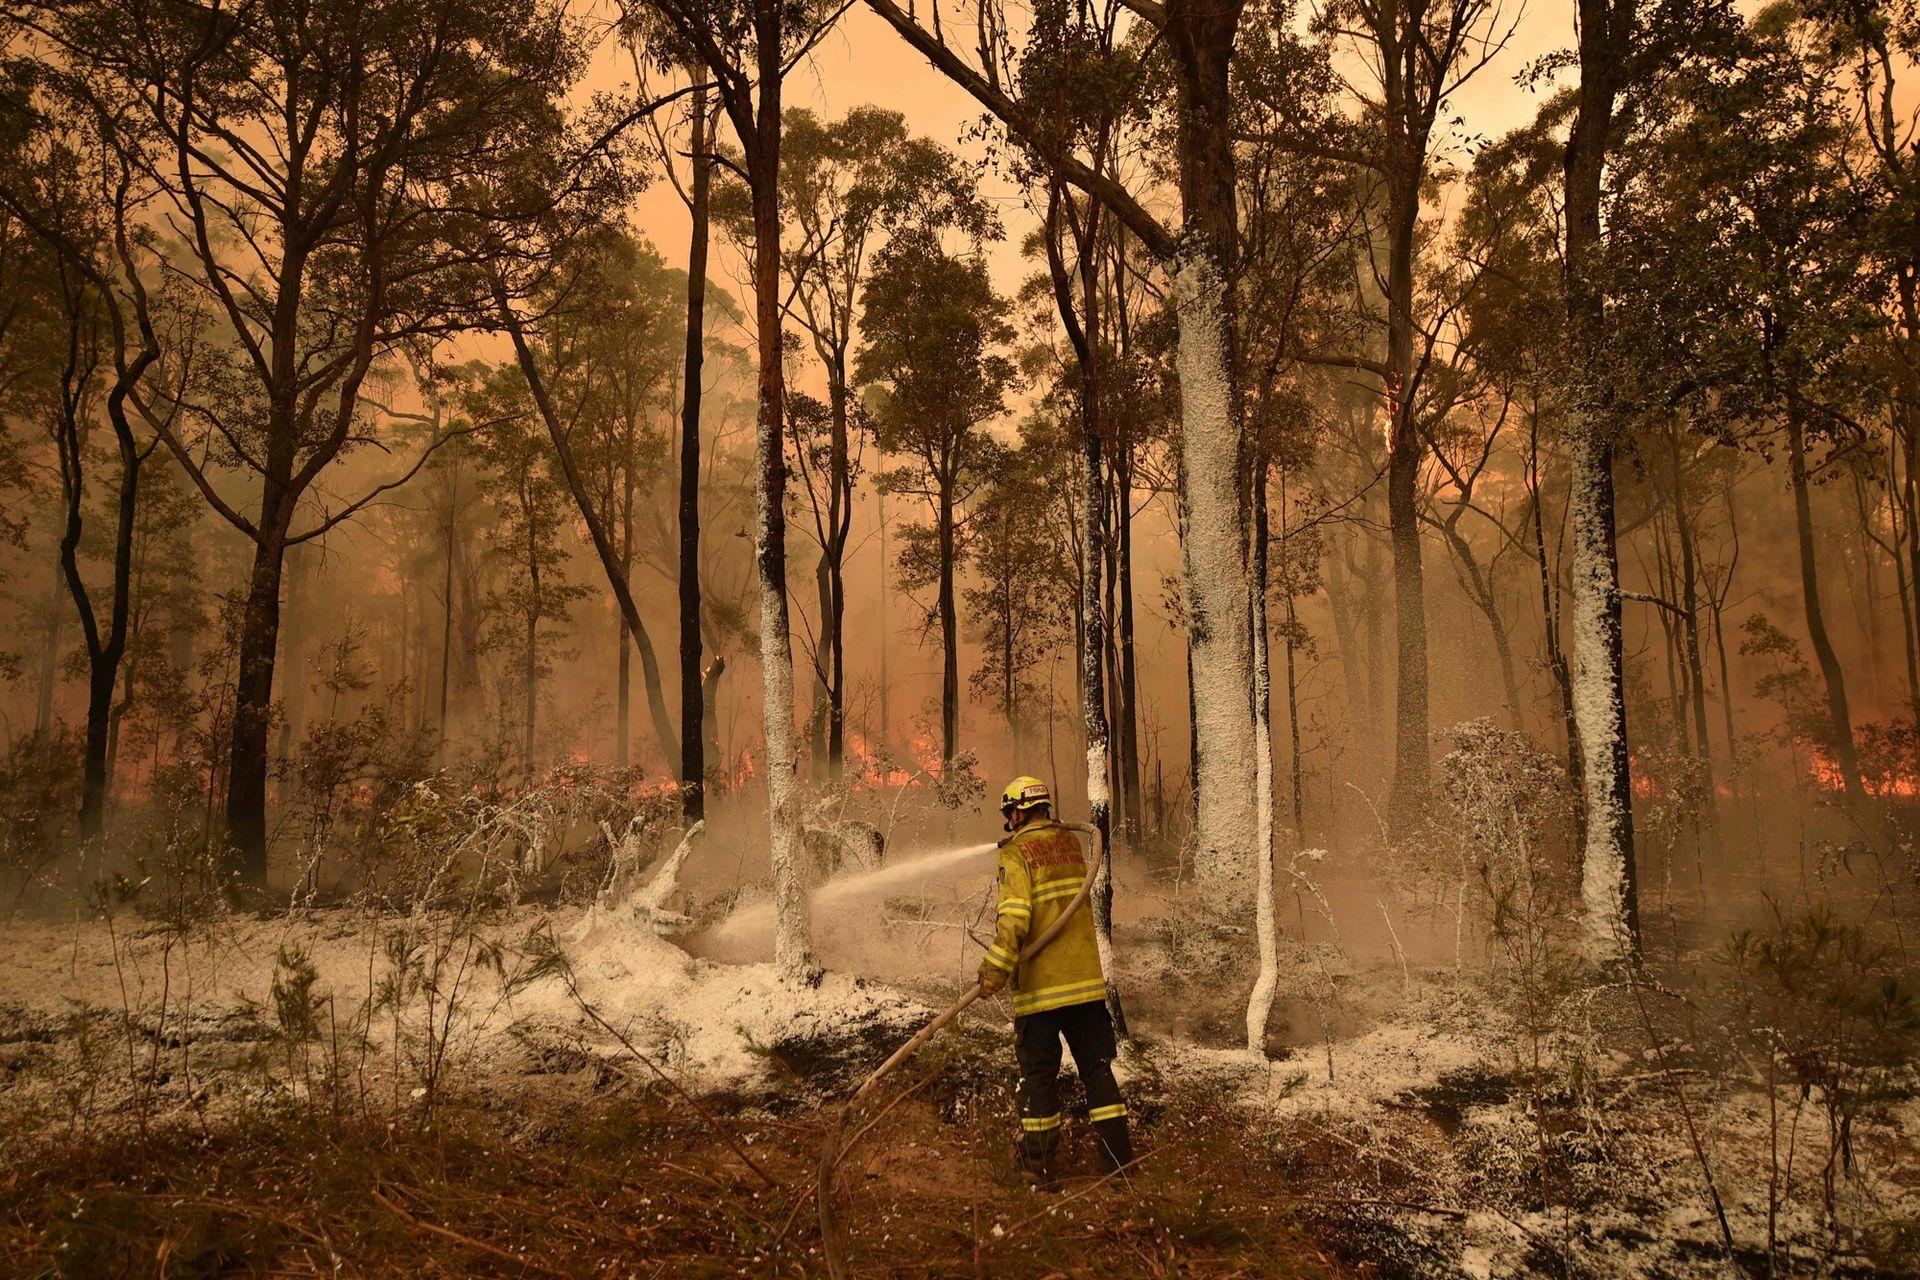 Un bombero rocía espuma ignífuga en un área delante de un frente de incendios en la ciudad de Jerrawangala, Nueva Gales del Sur, el 1 de enero.